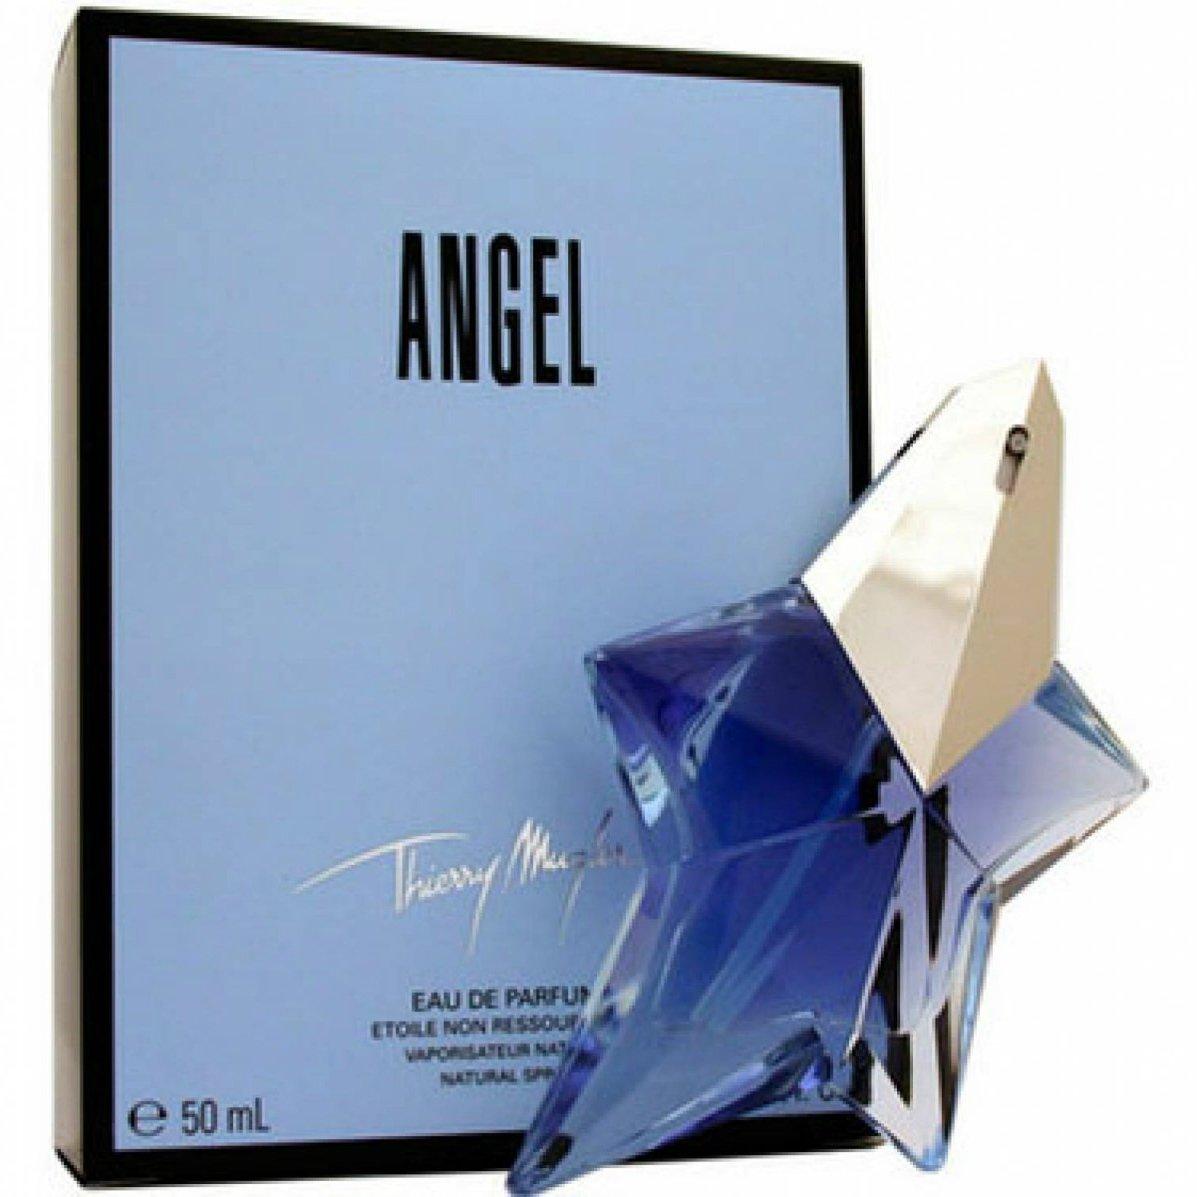 perfume thierry mugler angel feminino edp 50 ml 21235 2000 60110